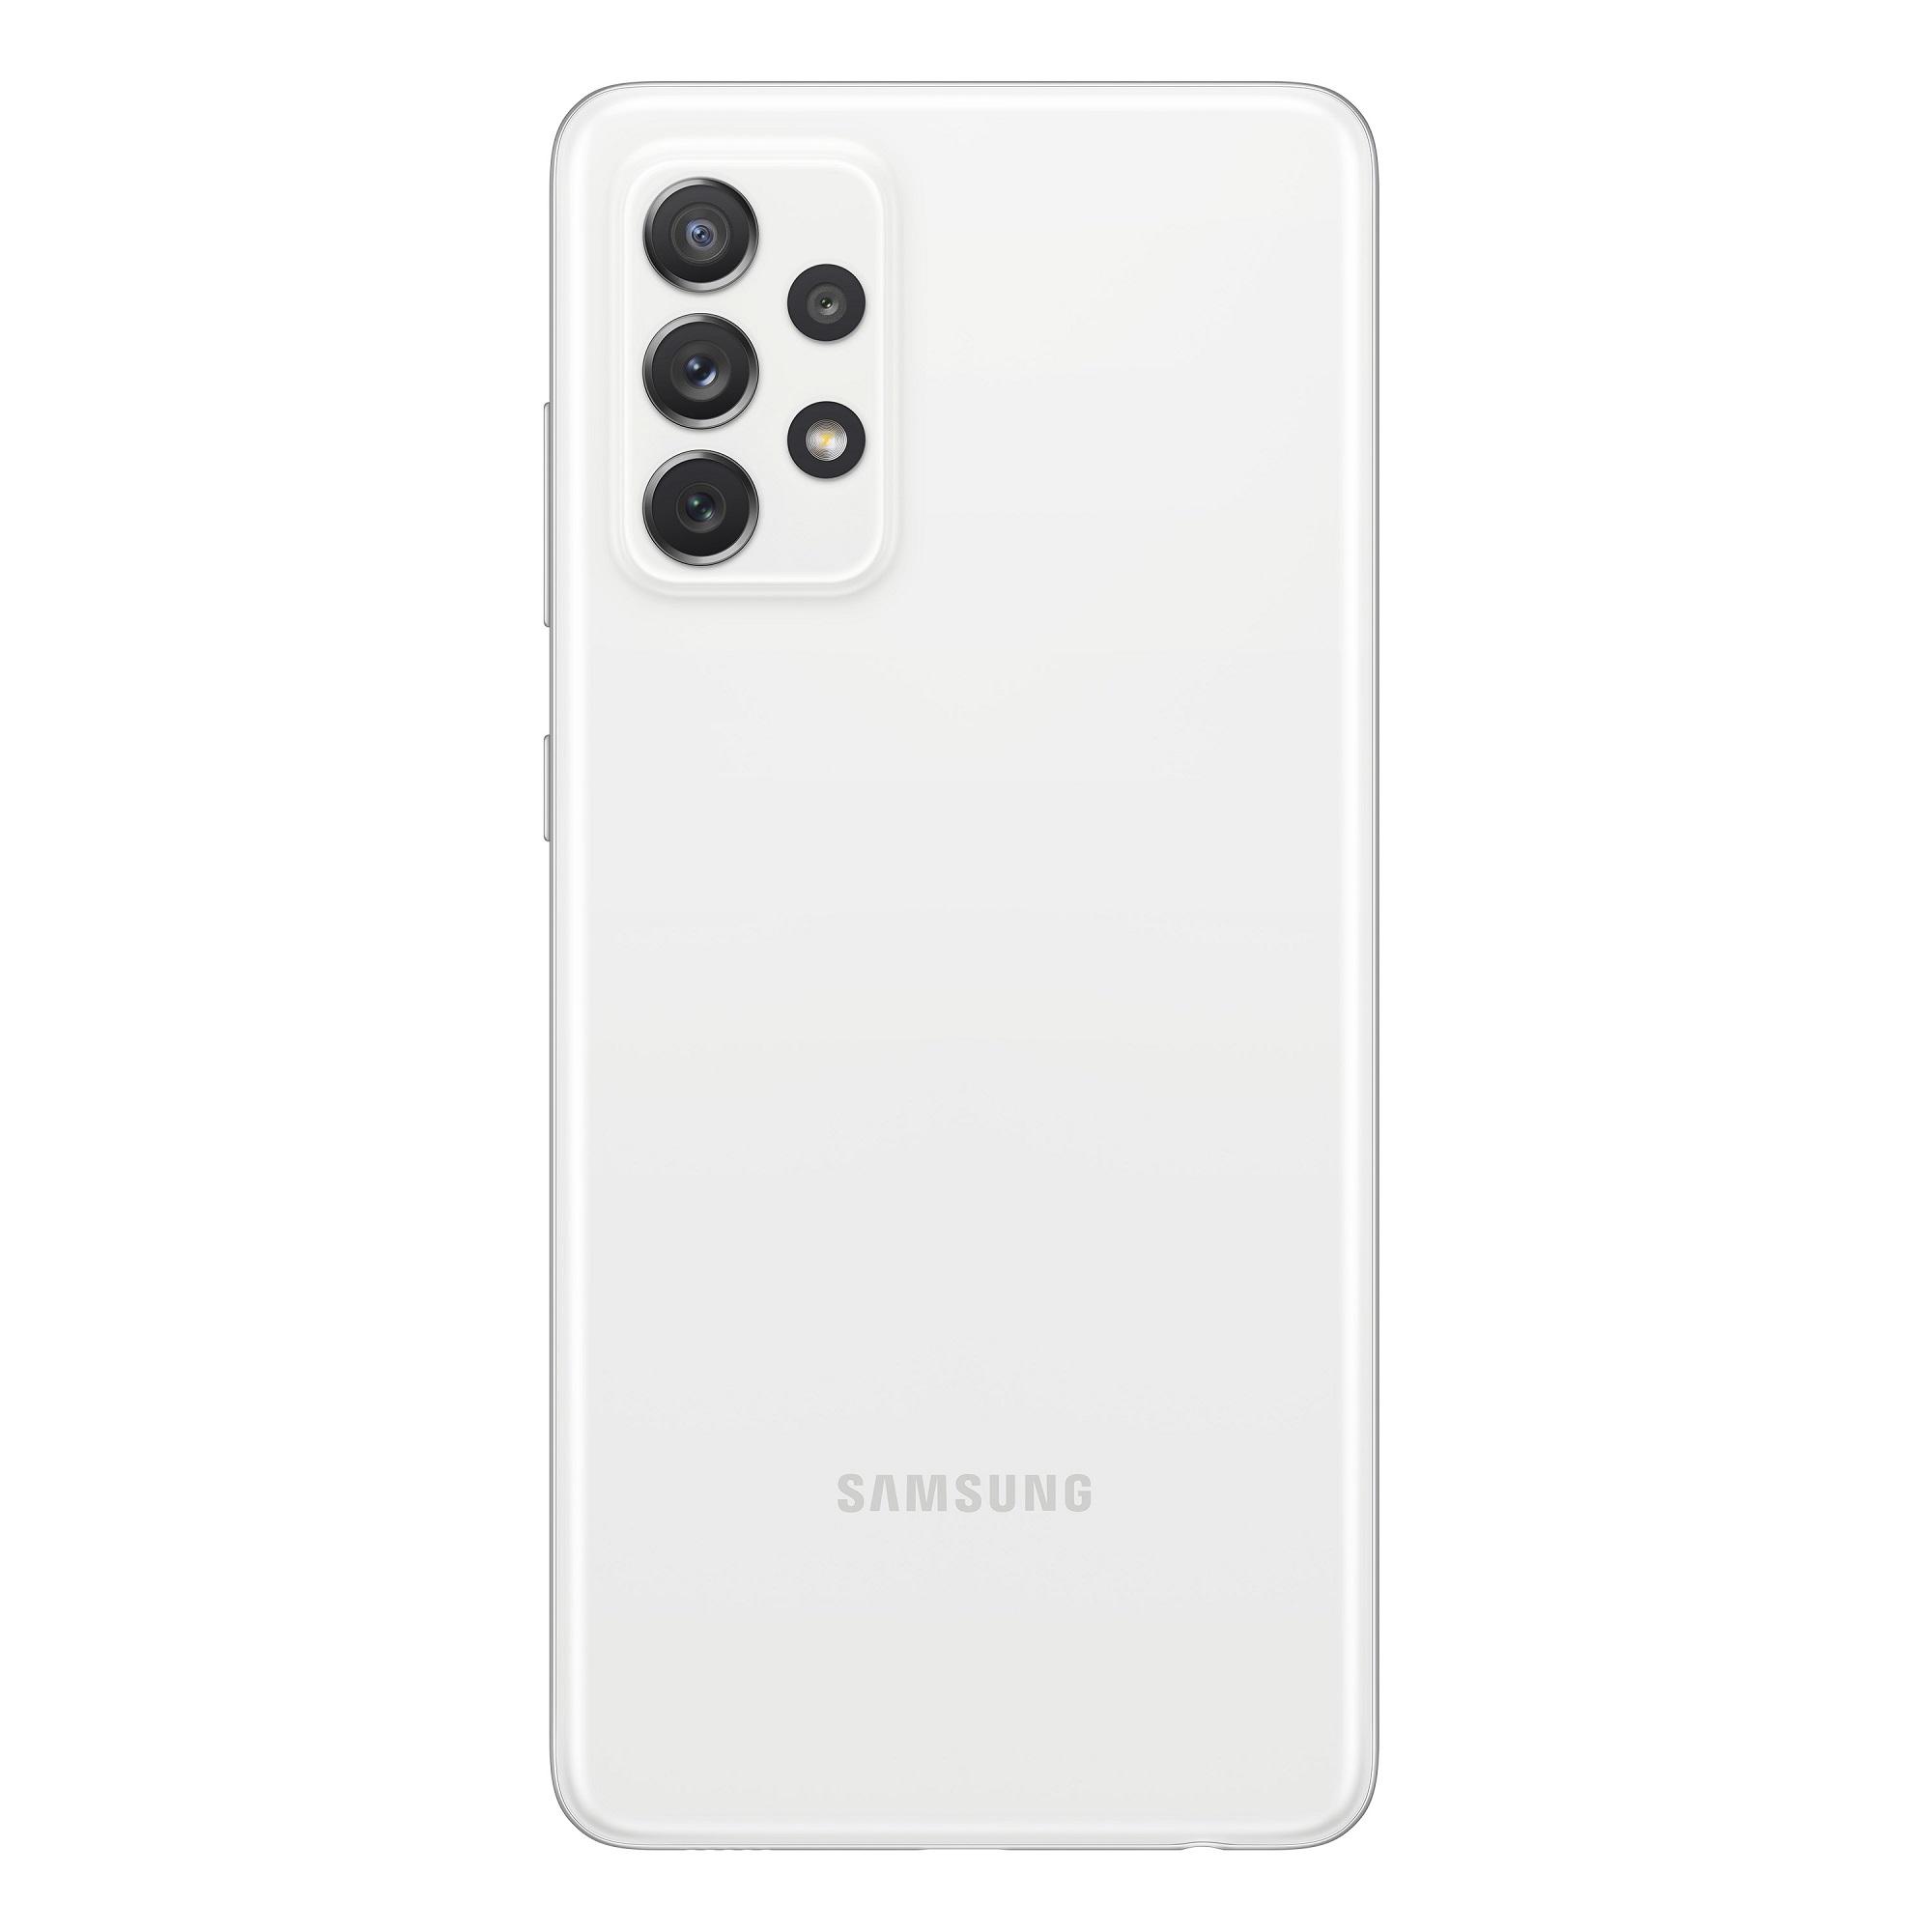 Samsung Galaxy A72 Kamera Kalitesi ile Anı Yakalayın